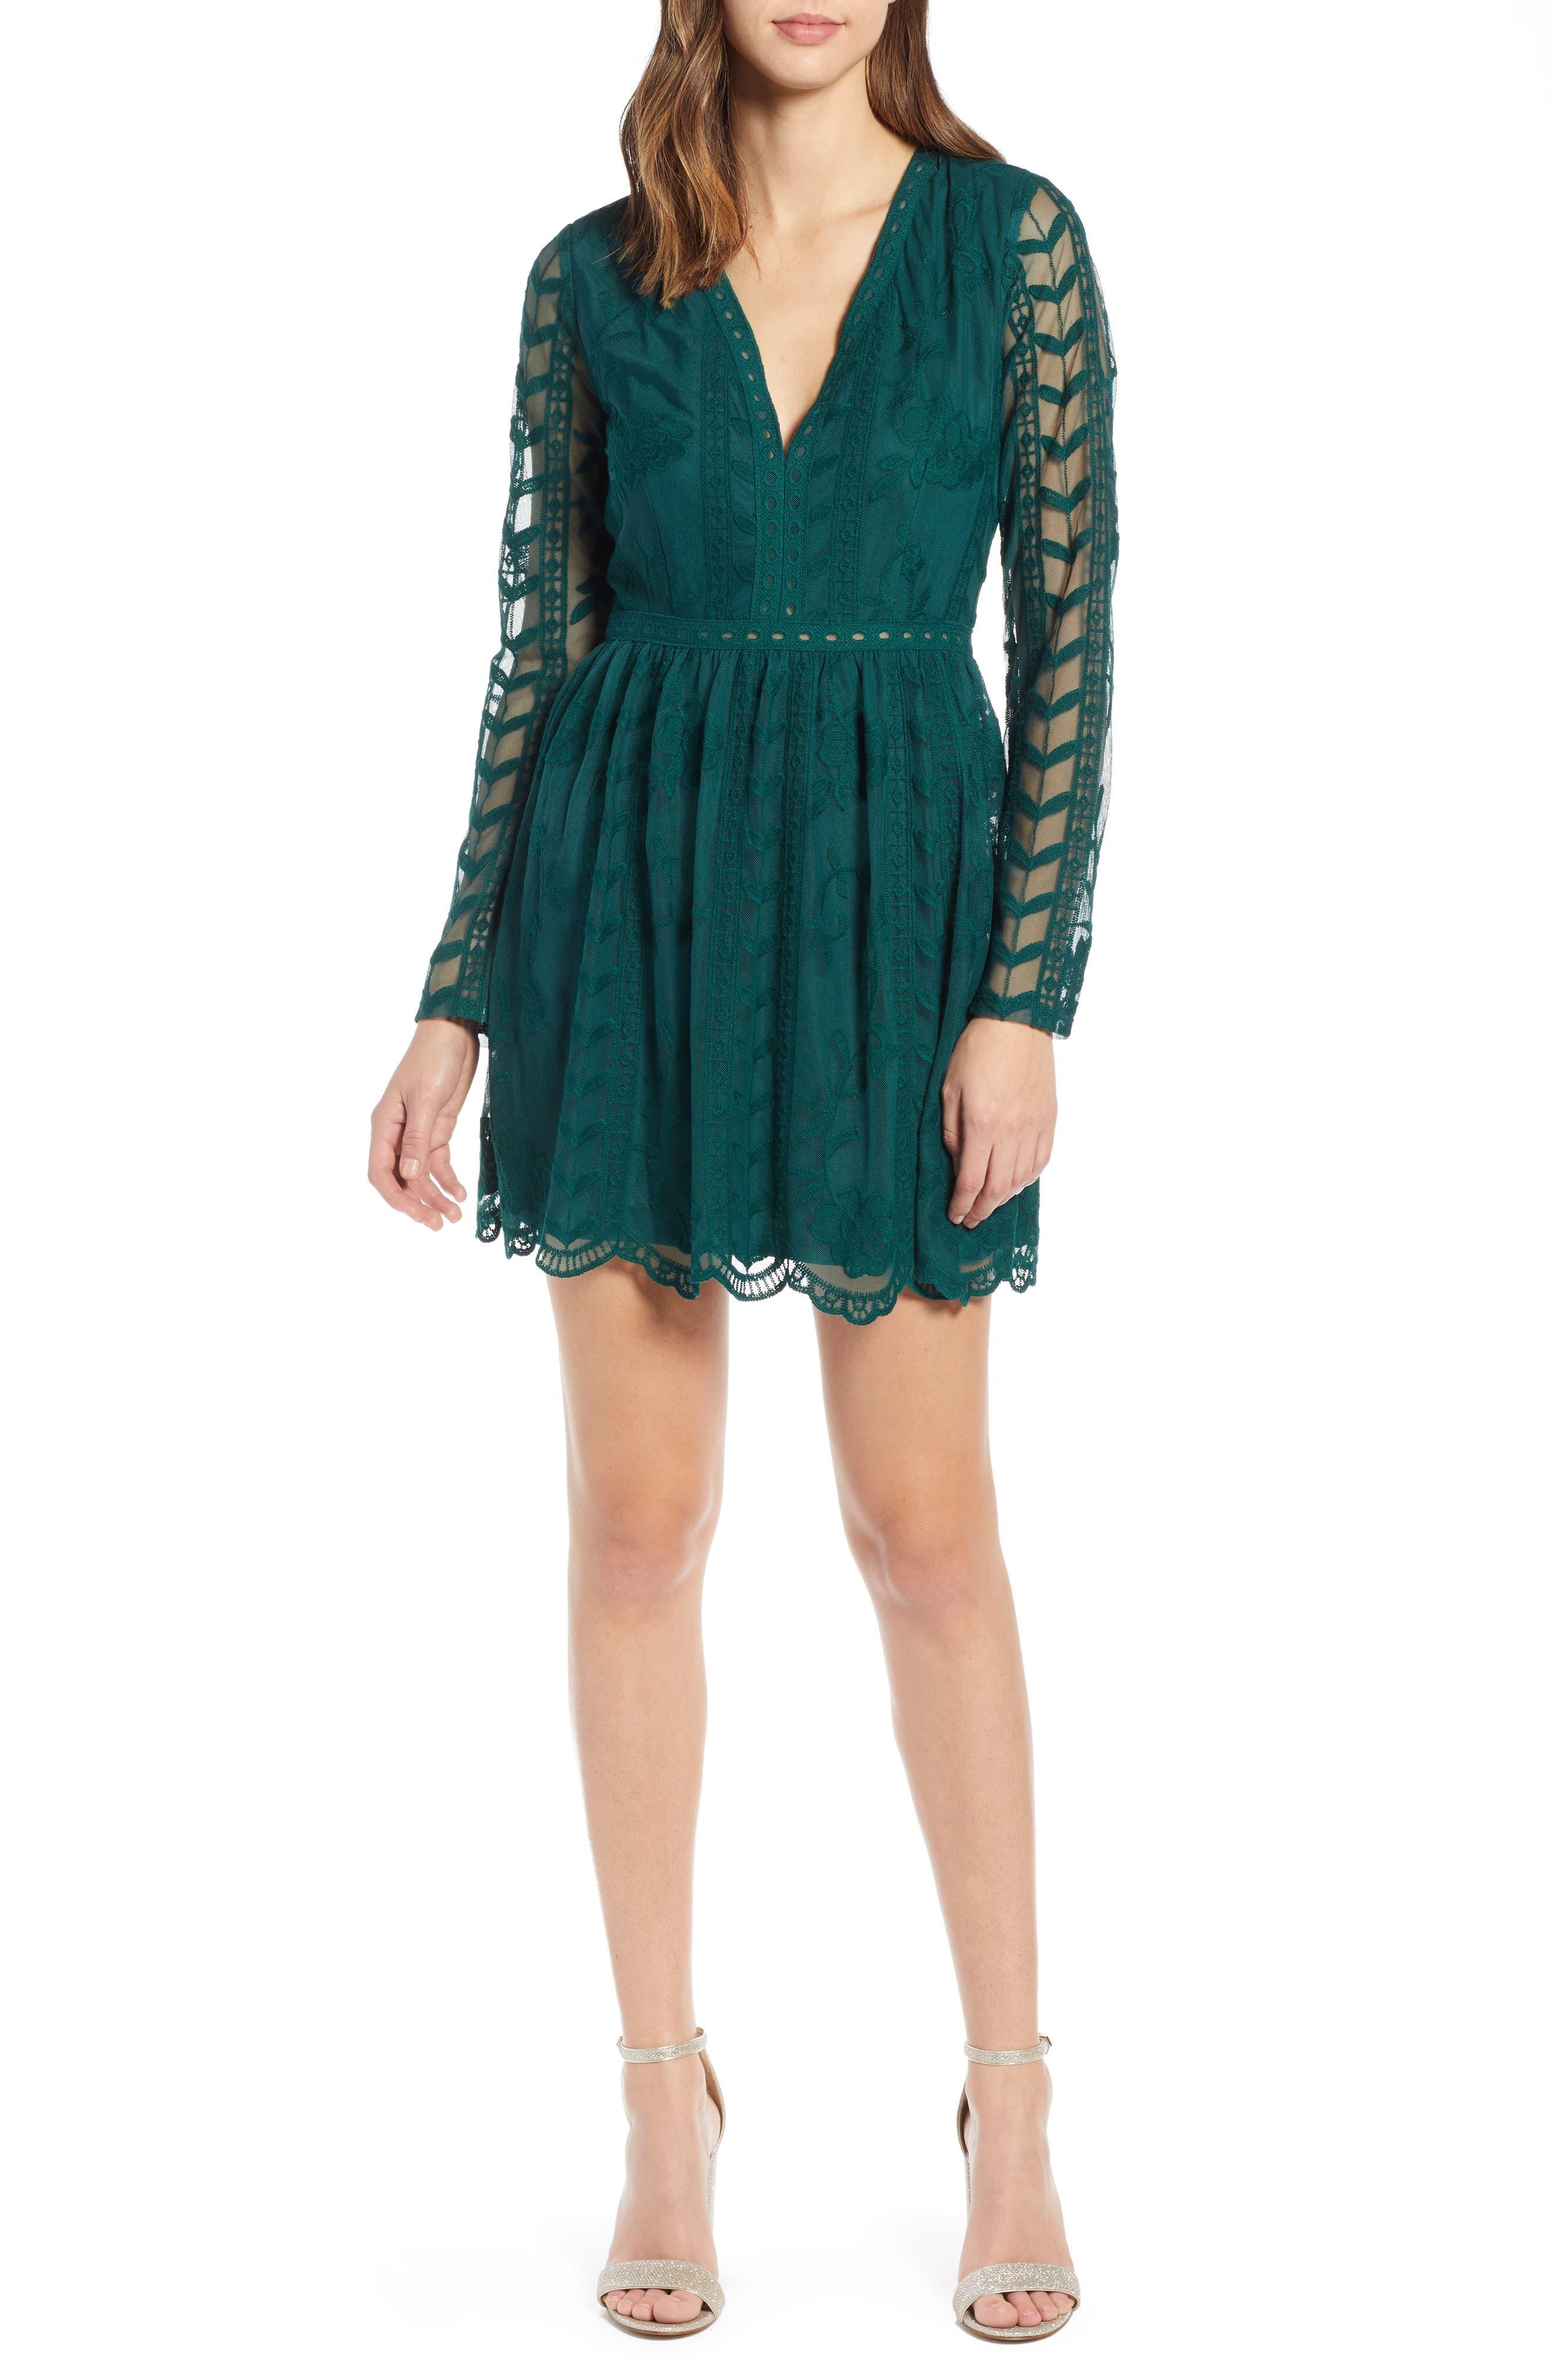 SOCIALITE, Long Sleeve V-Neck Lace Dress, Main thumbnail 1, color, 300